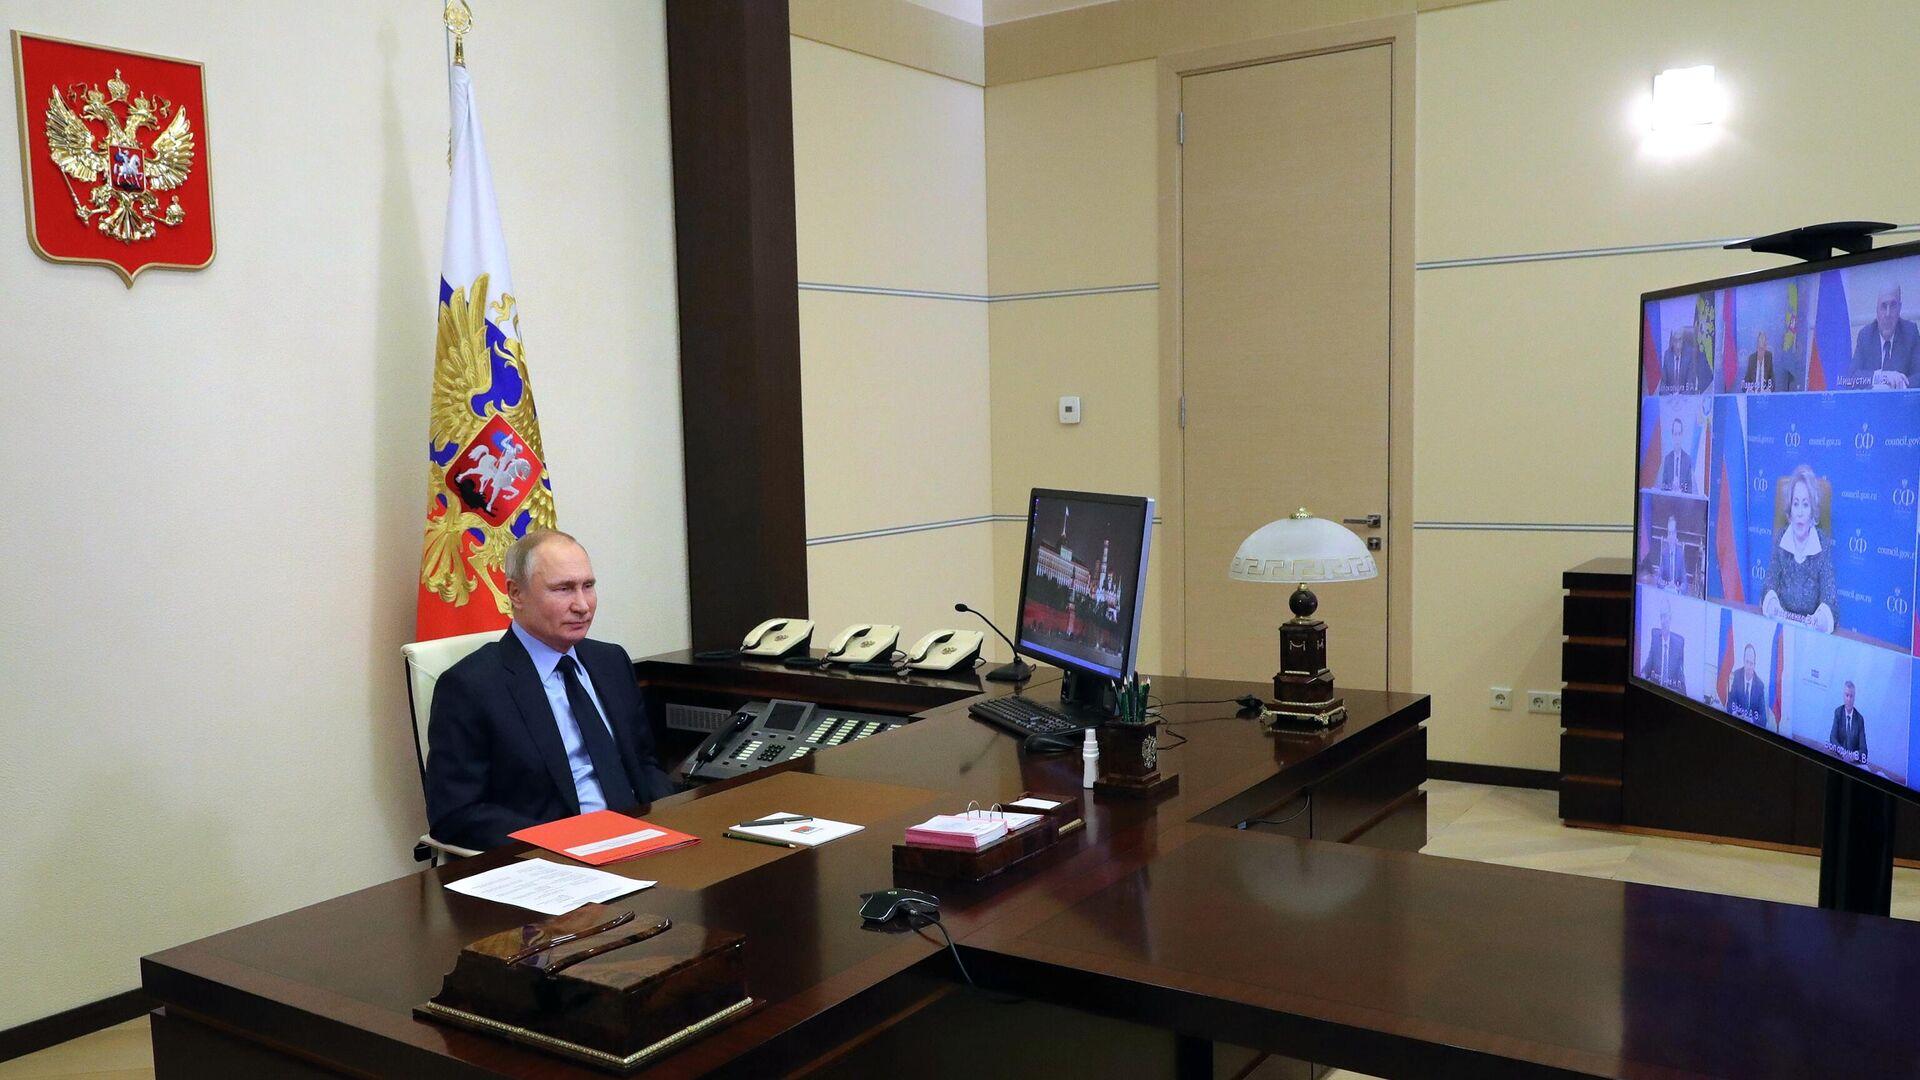 Путин обсудил с Совбезом вопросы стратегической стабильности